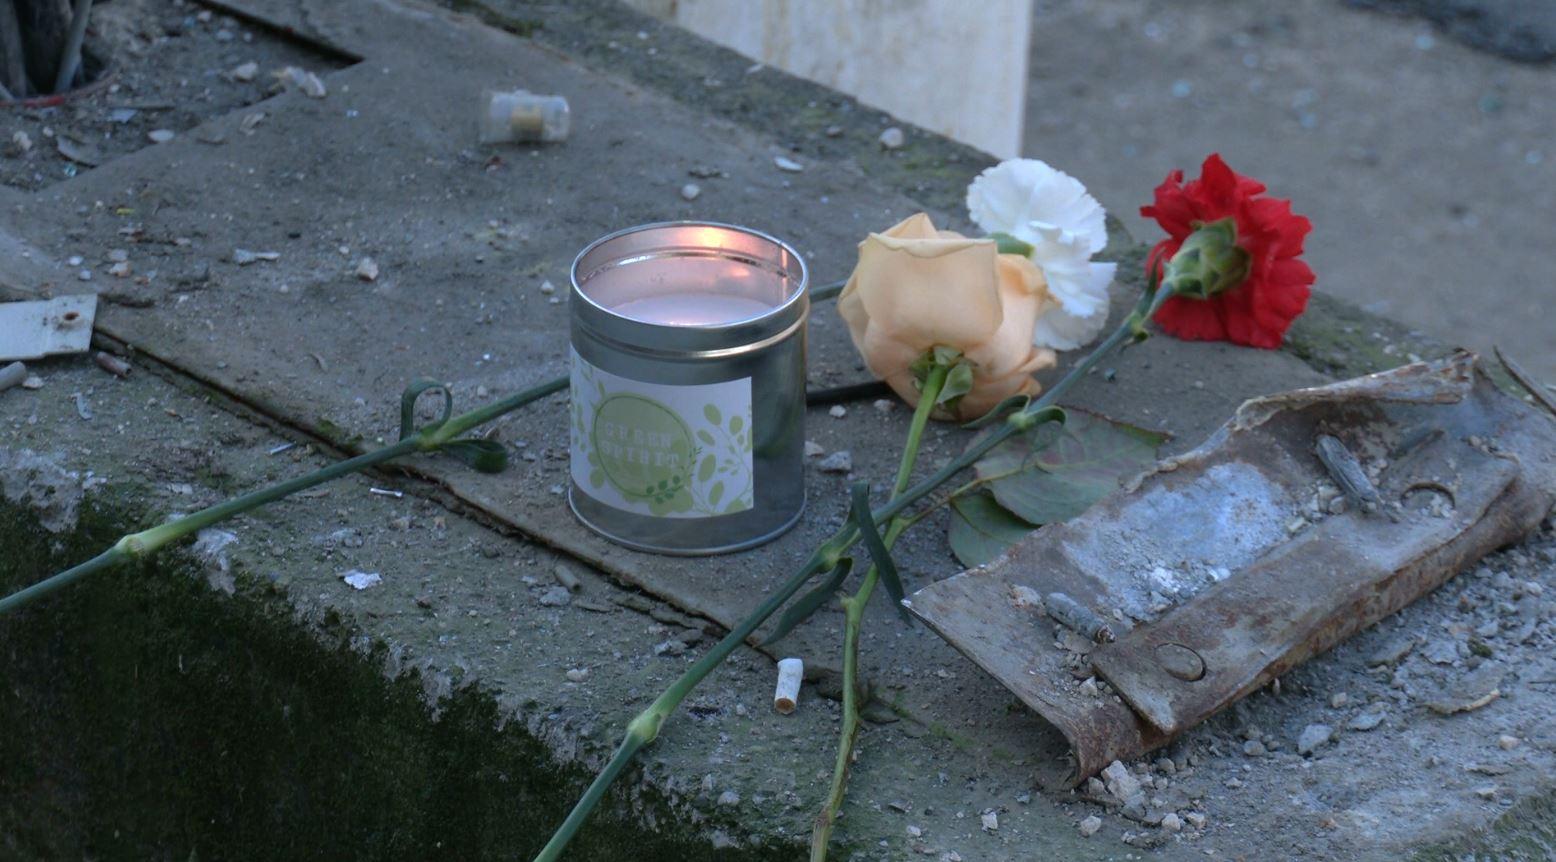 Aksidenti me dy viktima në Porcelan, nipërit e të moshuarës: Ishte nisur për tek djali i saj